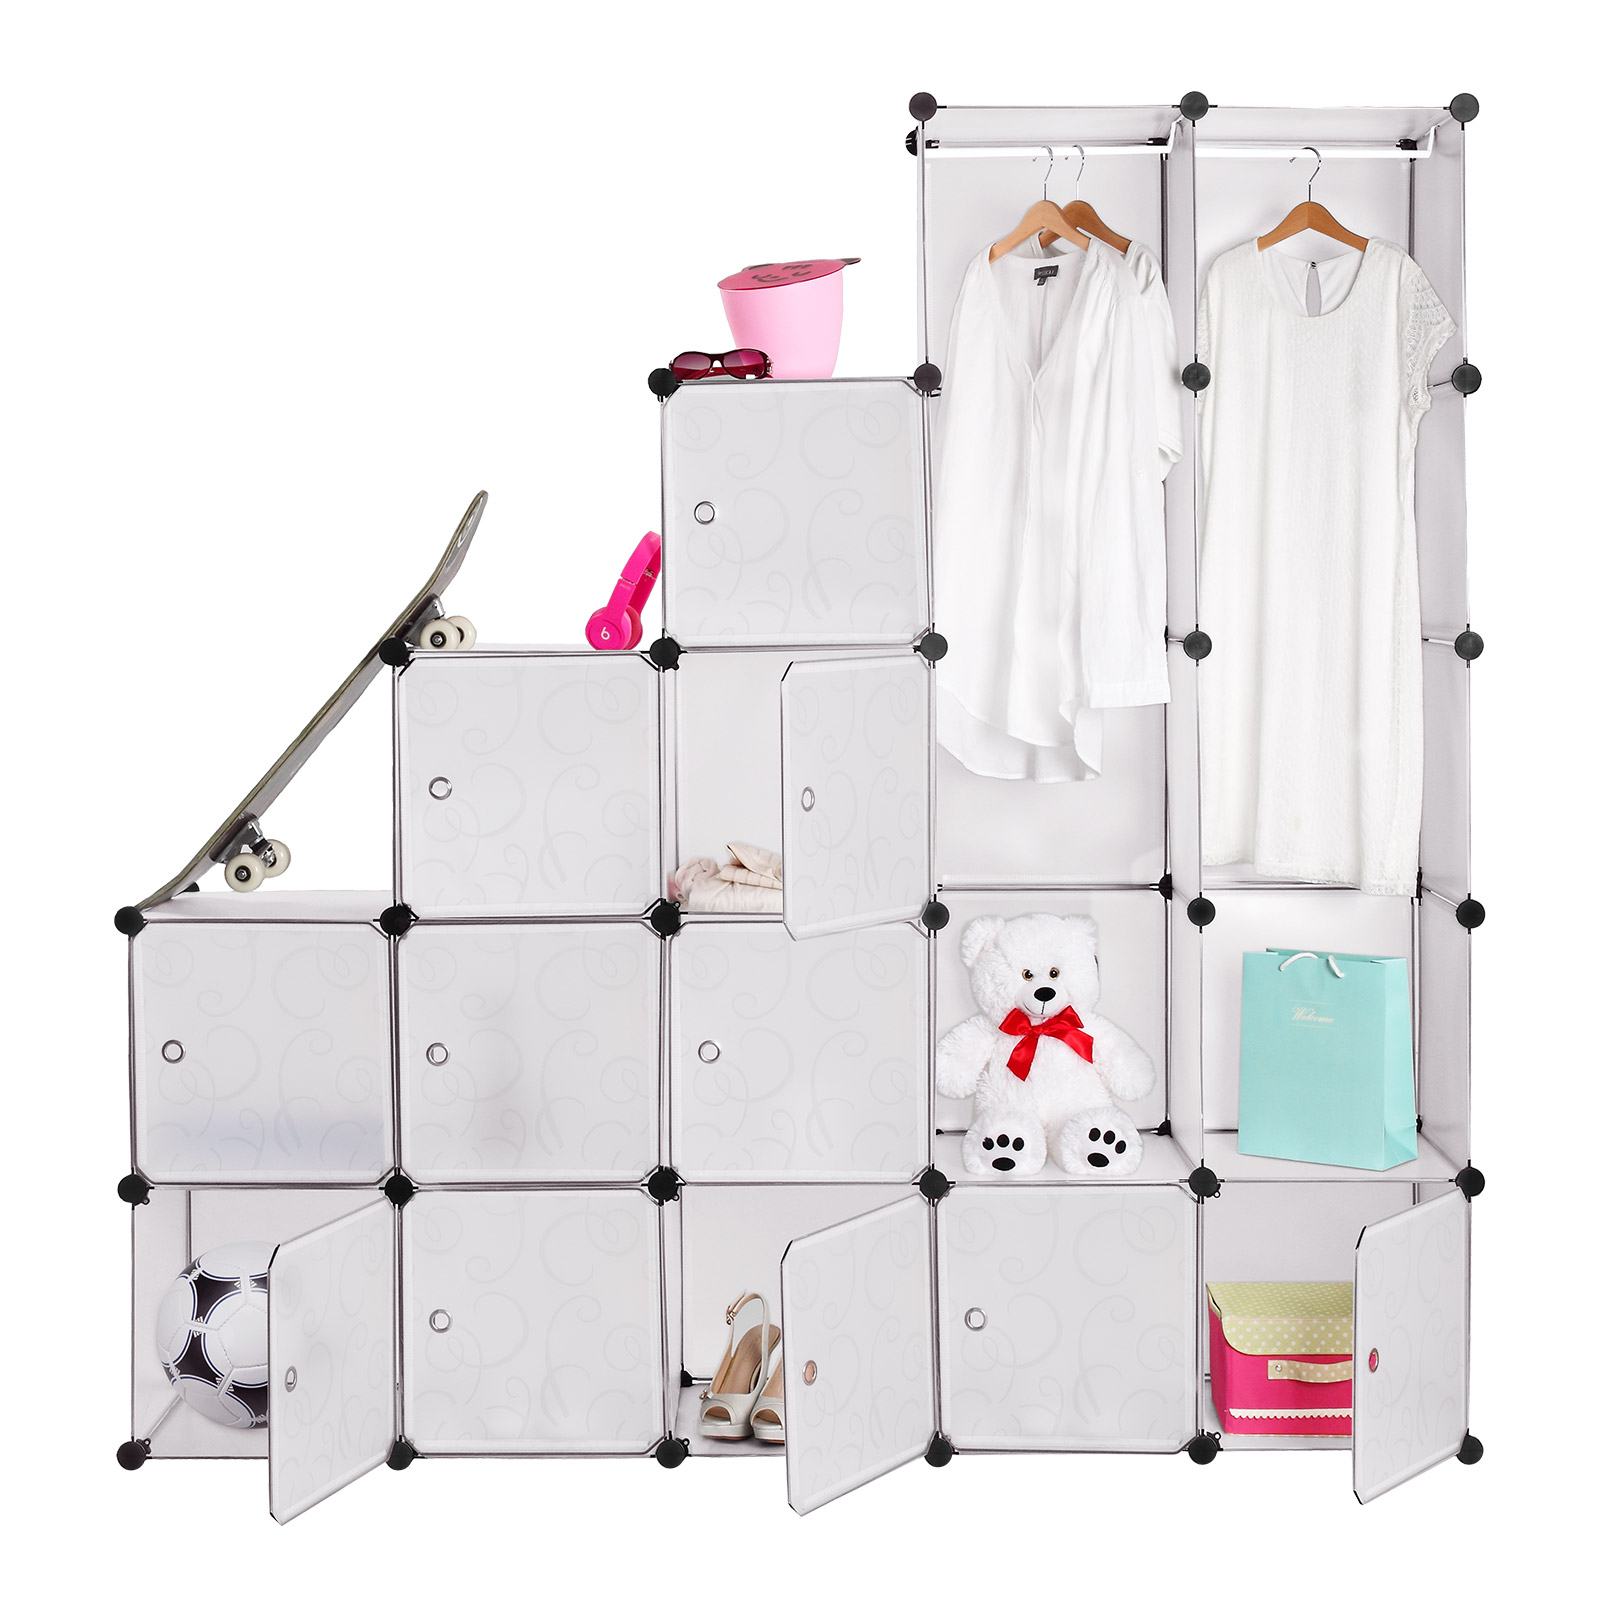 armoire tag re modulable en plastique blanc 12 casiers penderies rangement ebay. Black Bedroom Furniture Sets. Home Design Ideas